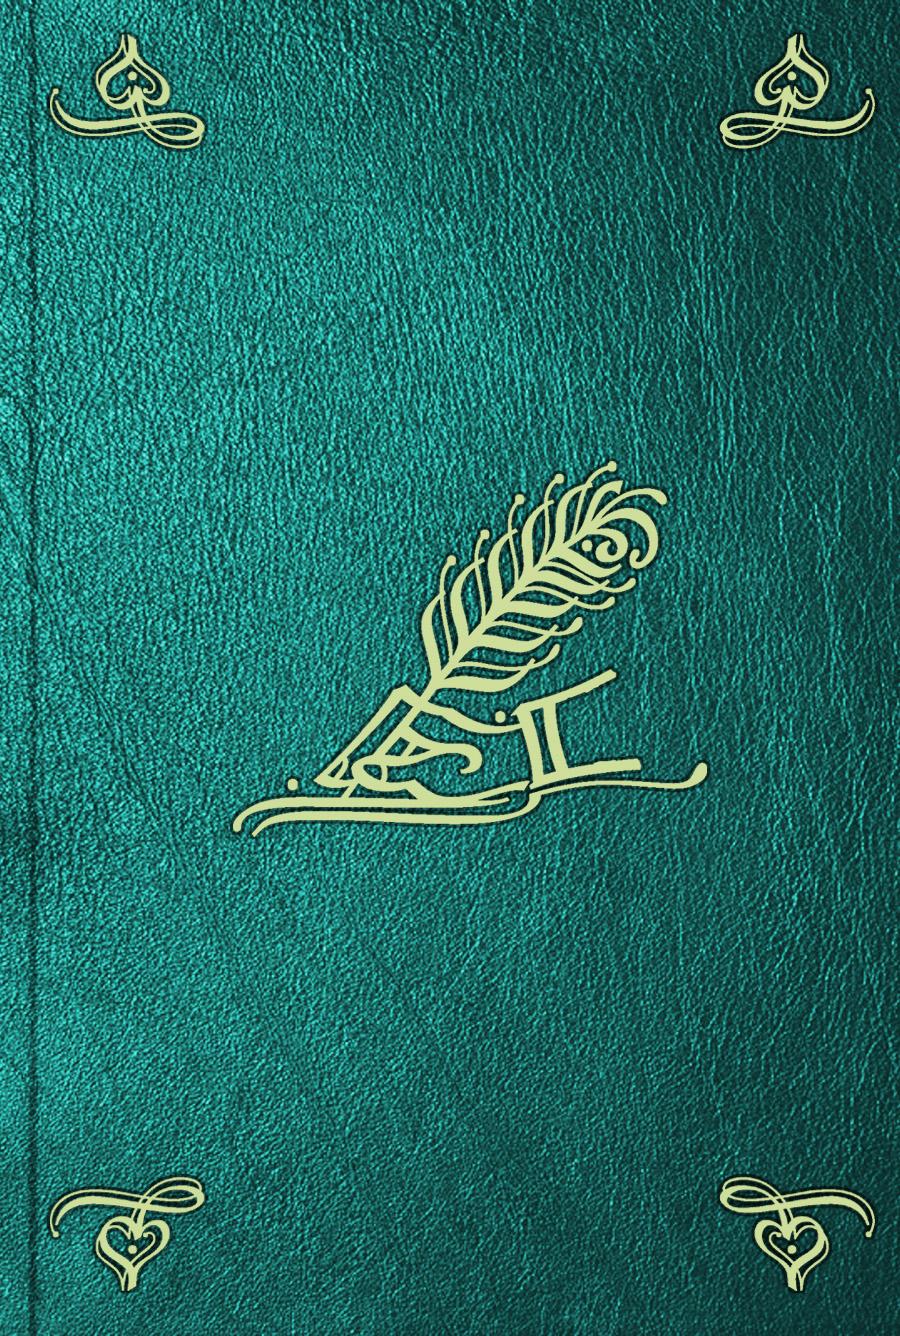 Comte de Buffon Georges Louis Leclerc Histoire naturelle. T. 17. Oiseaux comte de buffon georges louis leclerc histoire naturelle t 8 oiseaux